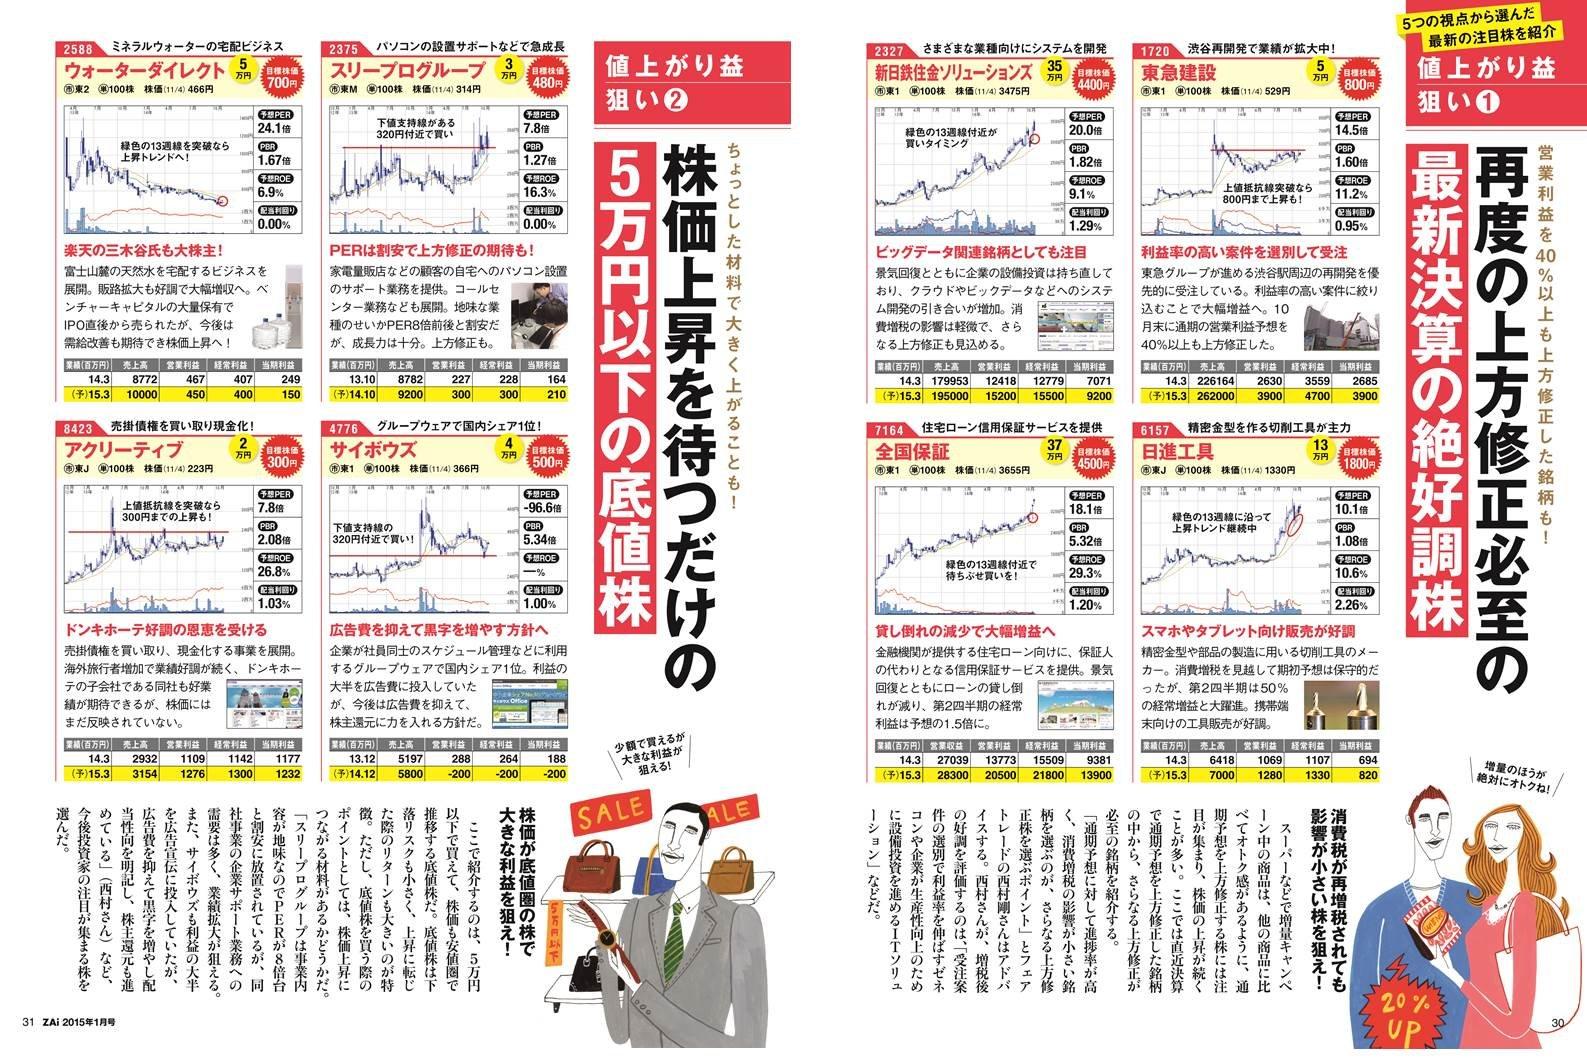 住金 ソリューションズ 株価 新日鉄